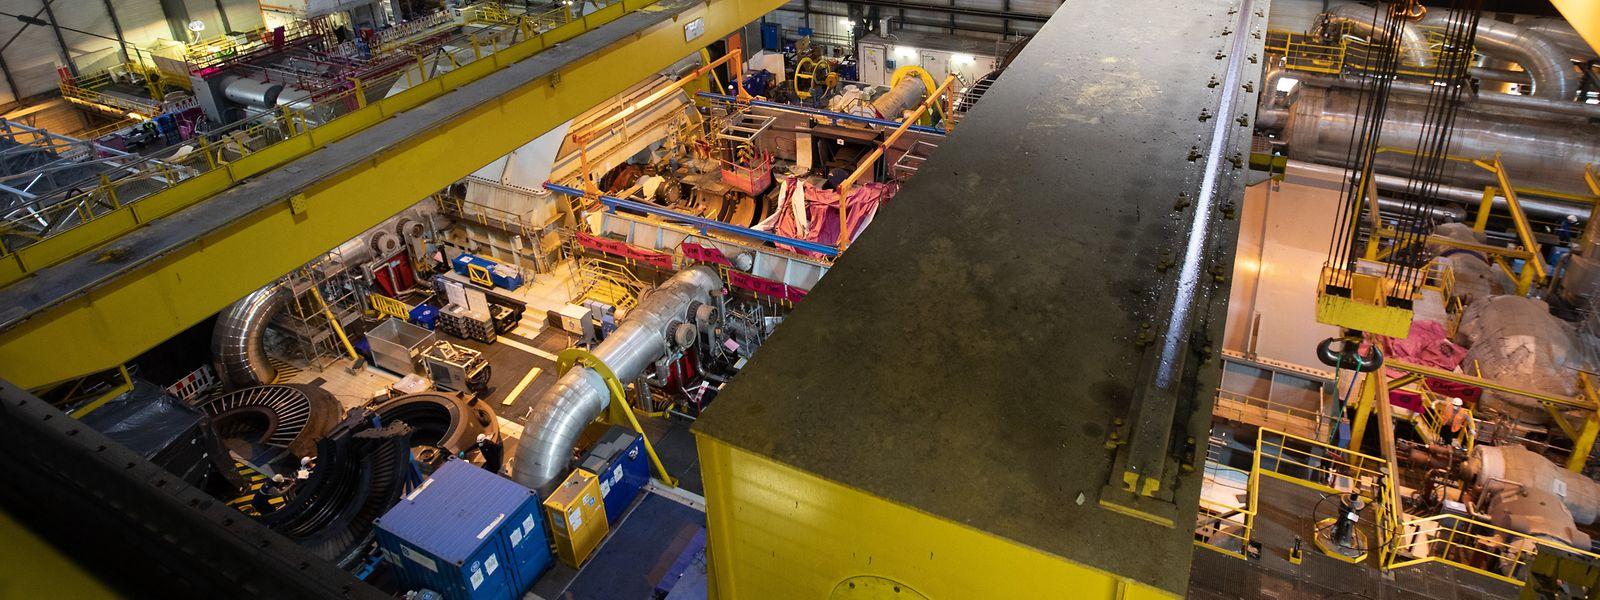 Parmi les opérations à venir, la levée de deux rotors d'alternateur et de turbine. Des pièces de 240 tonnes chacune.